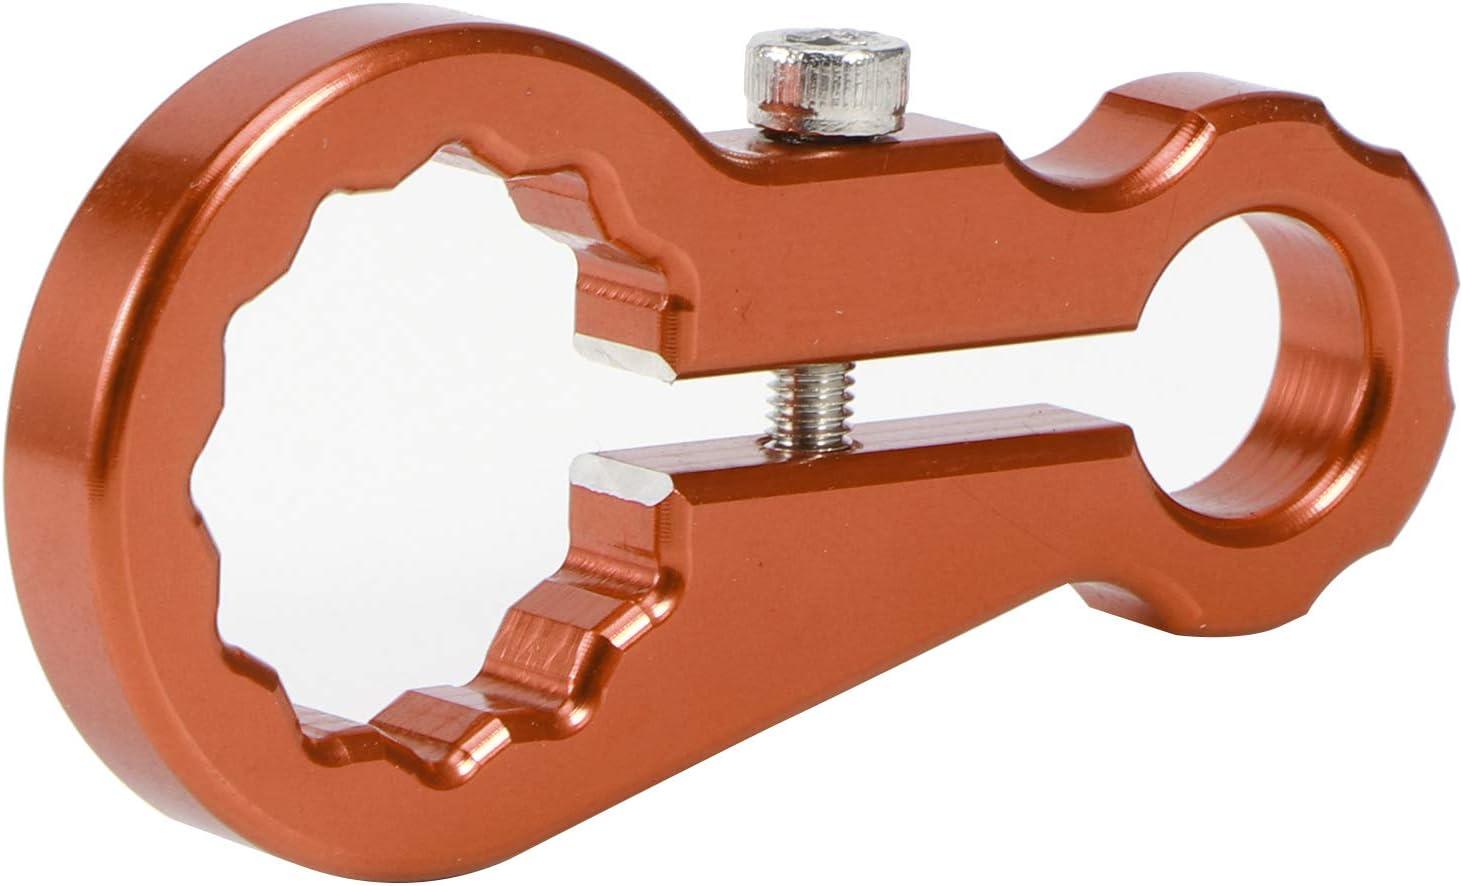 Orange Rear Shock Absorber Spanner,Rear Shock Absorber Adjustment Wrench Shock Absorber Repair Tool Fit for 125 150 250 300 350 450 500